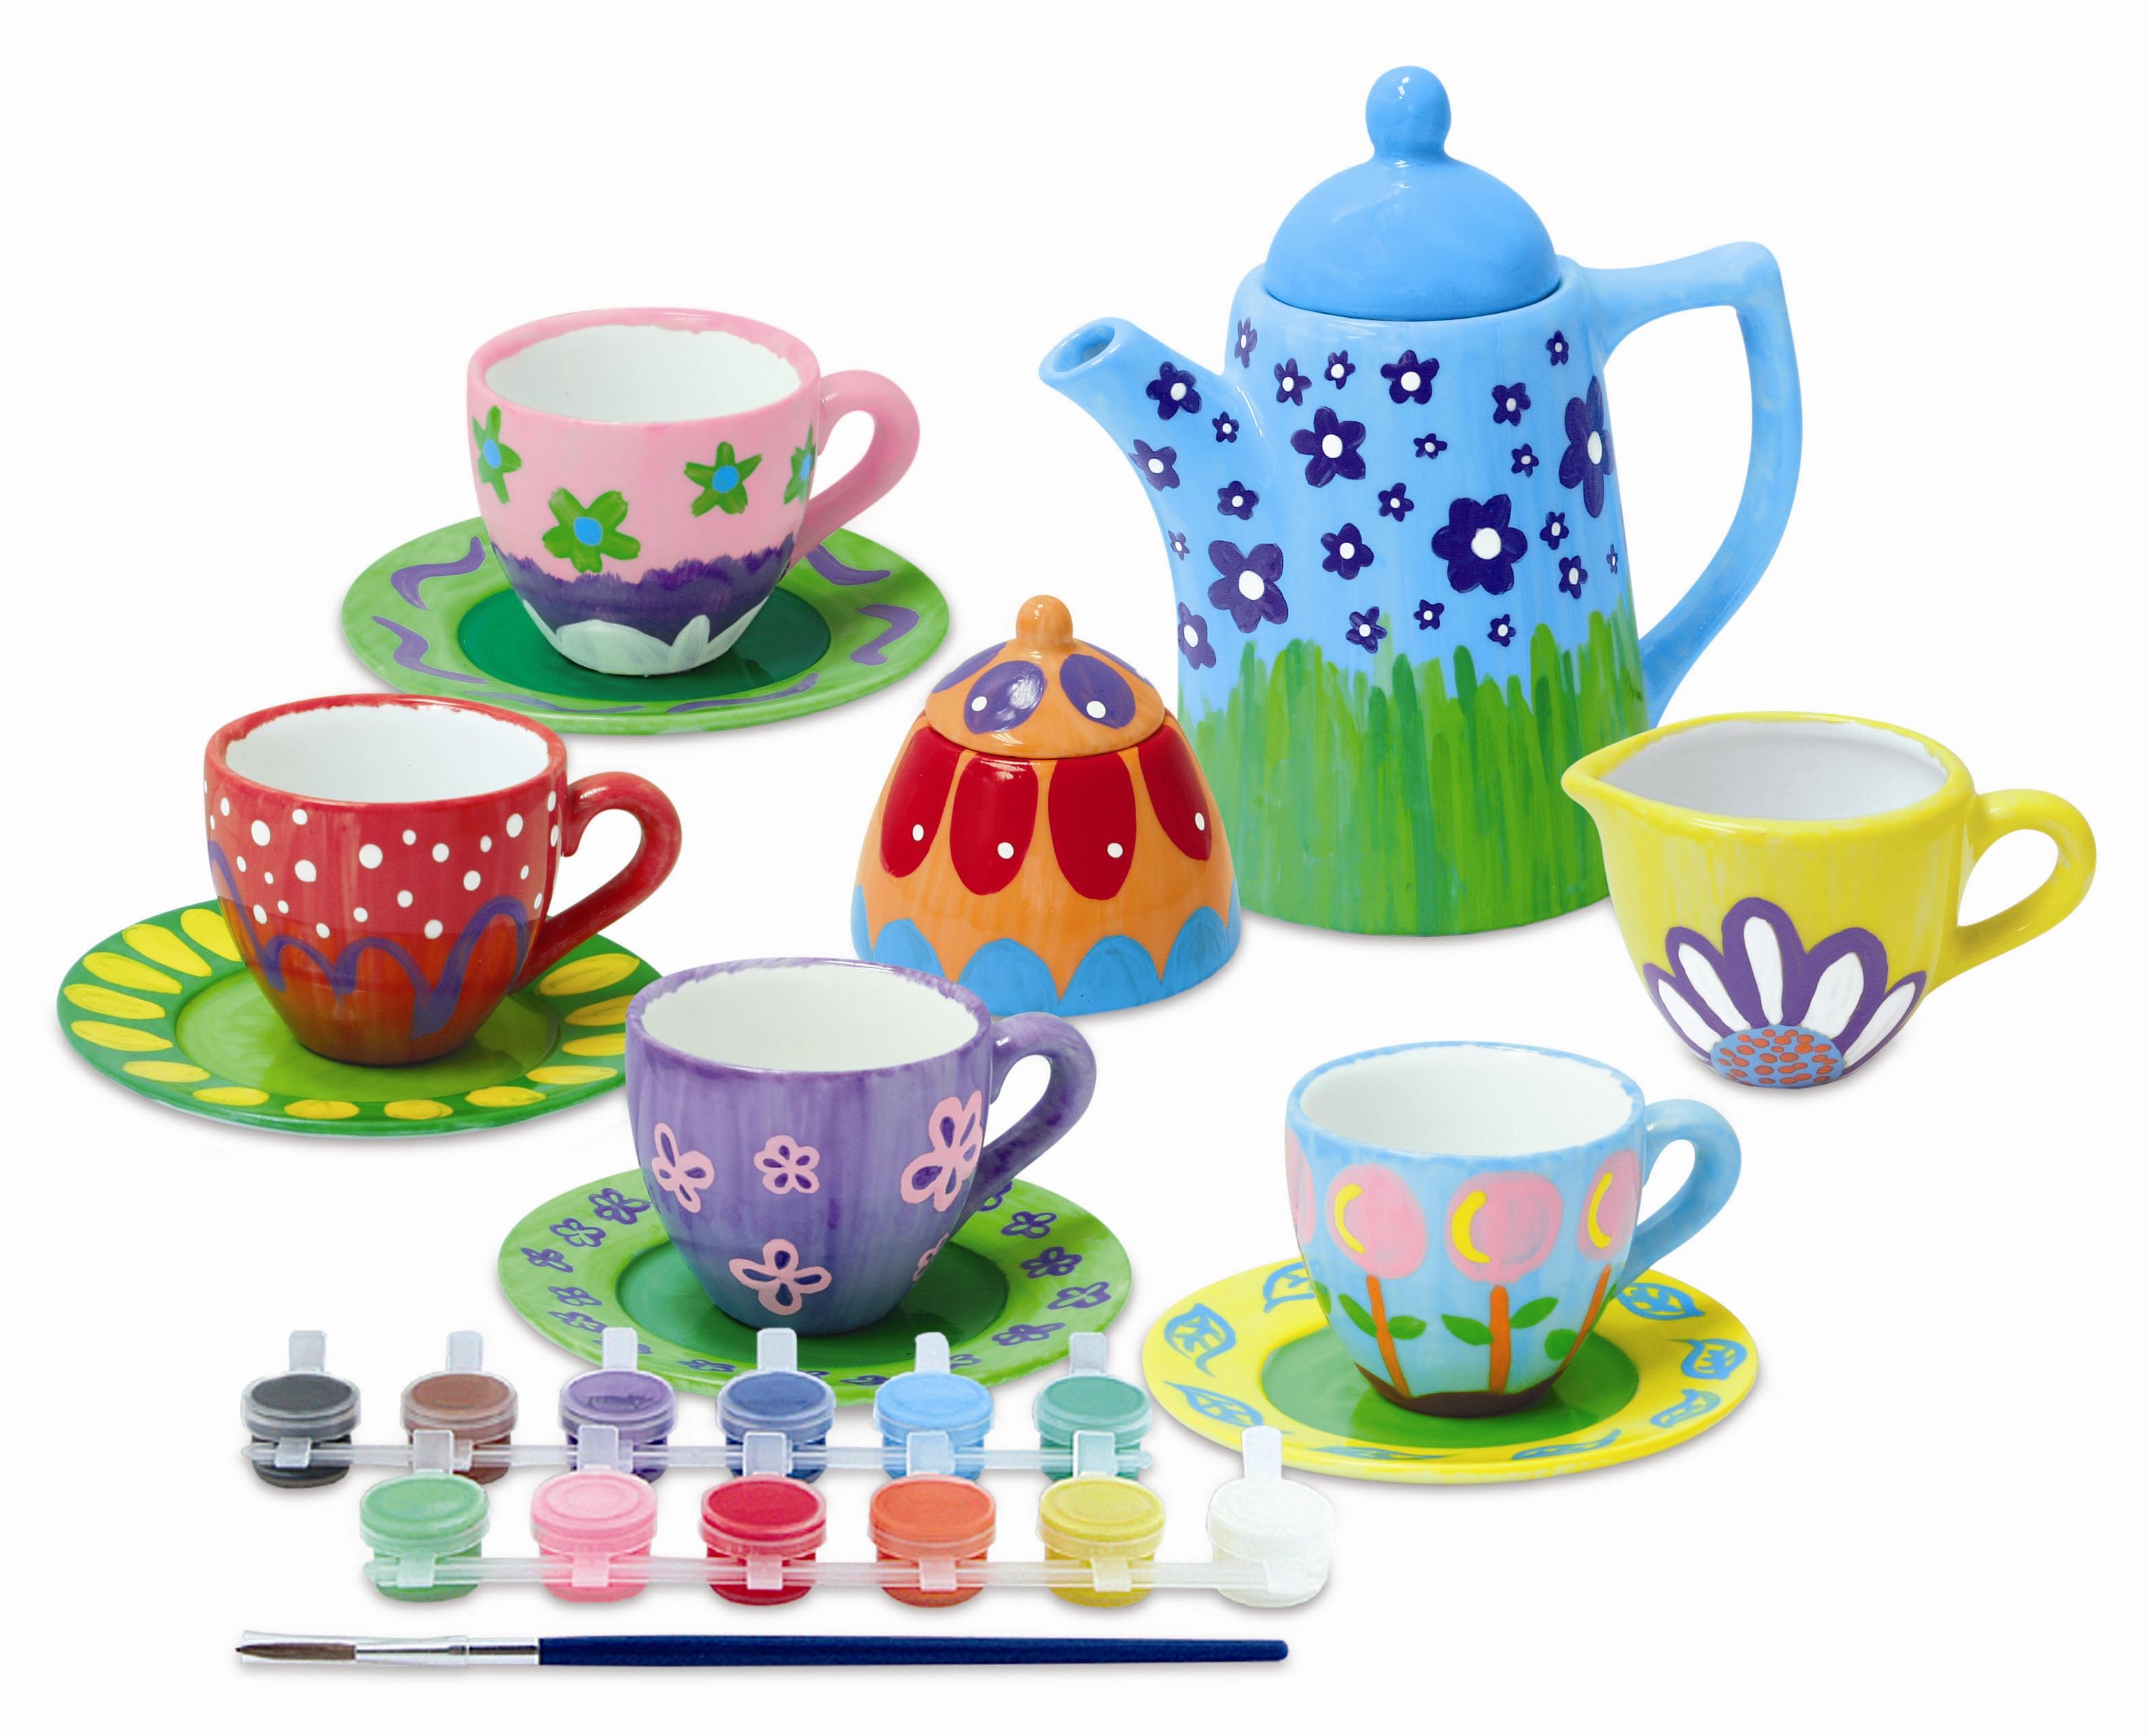 Lavoretti creativi ceramica colori - Colori per natale ...